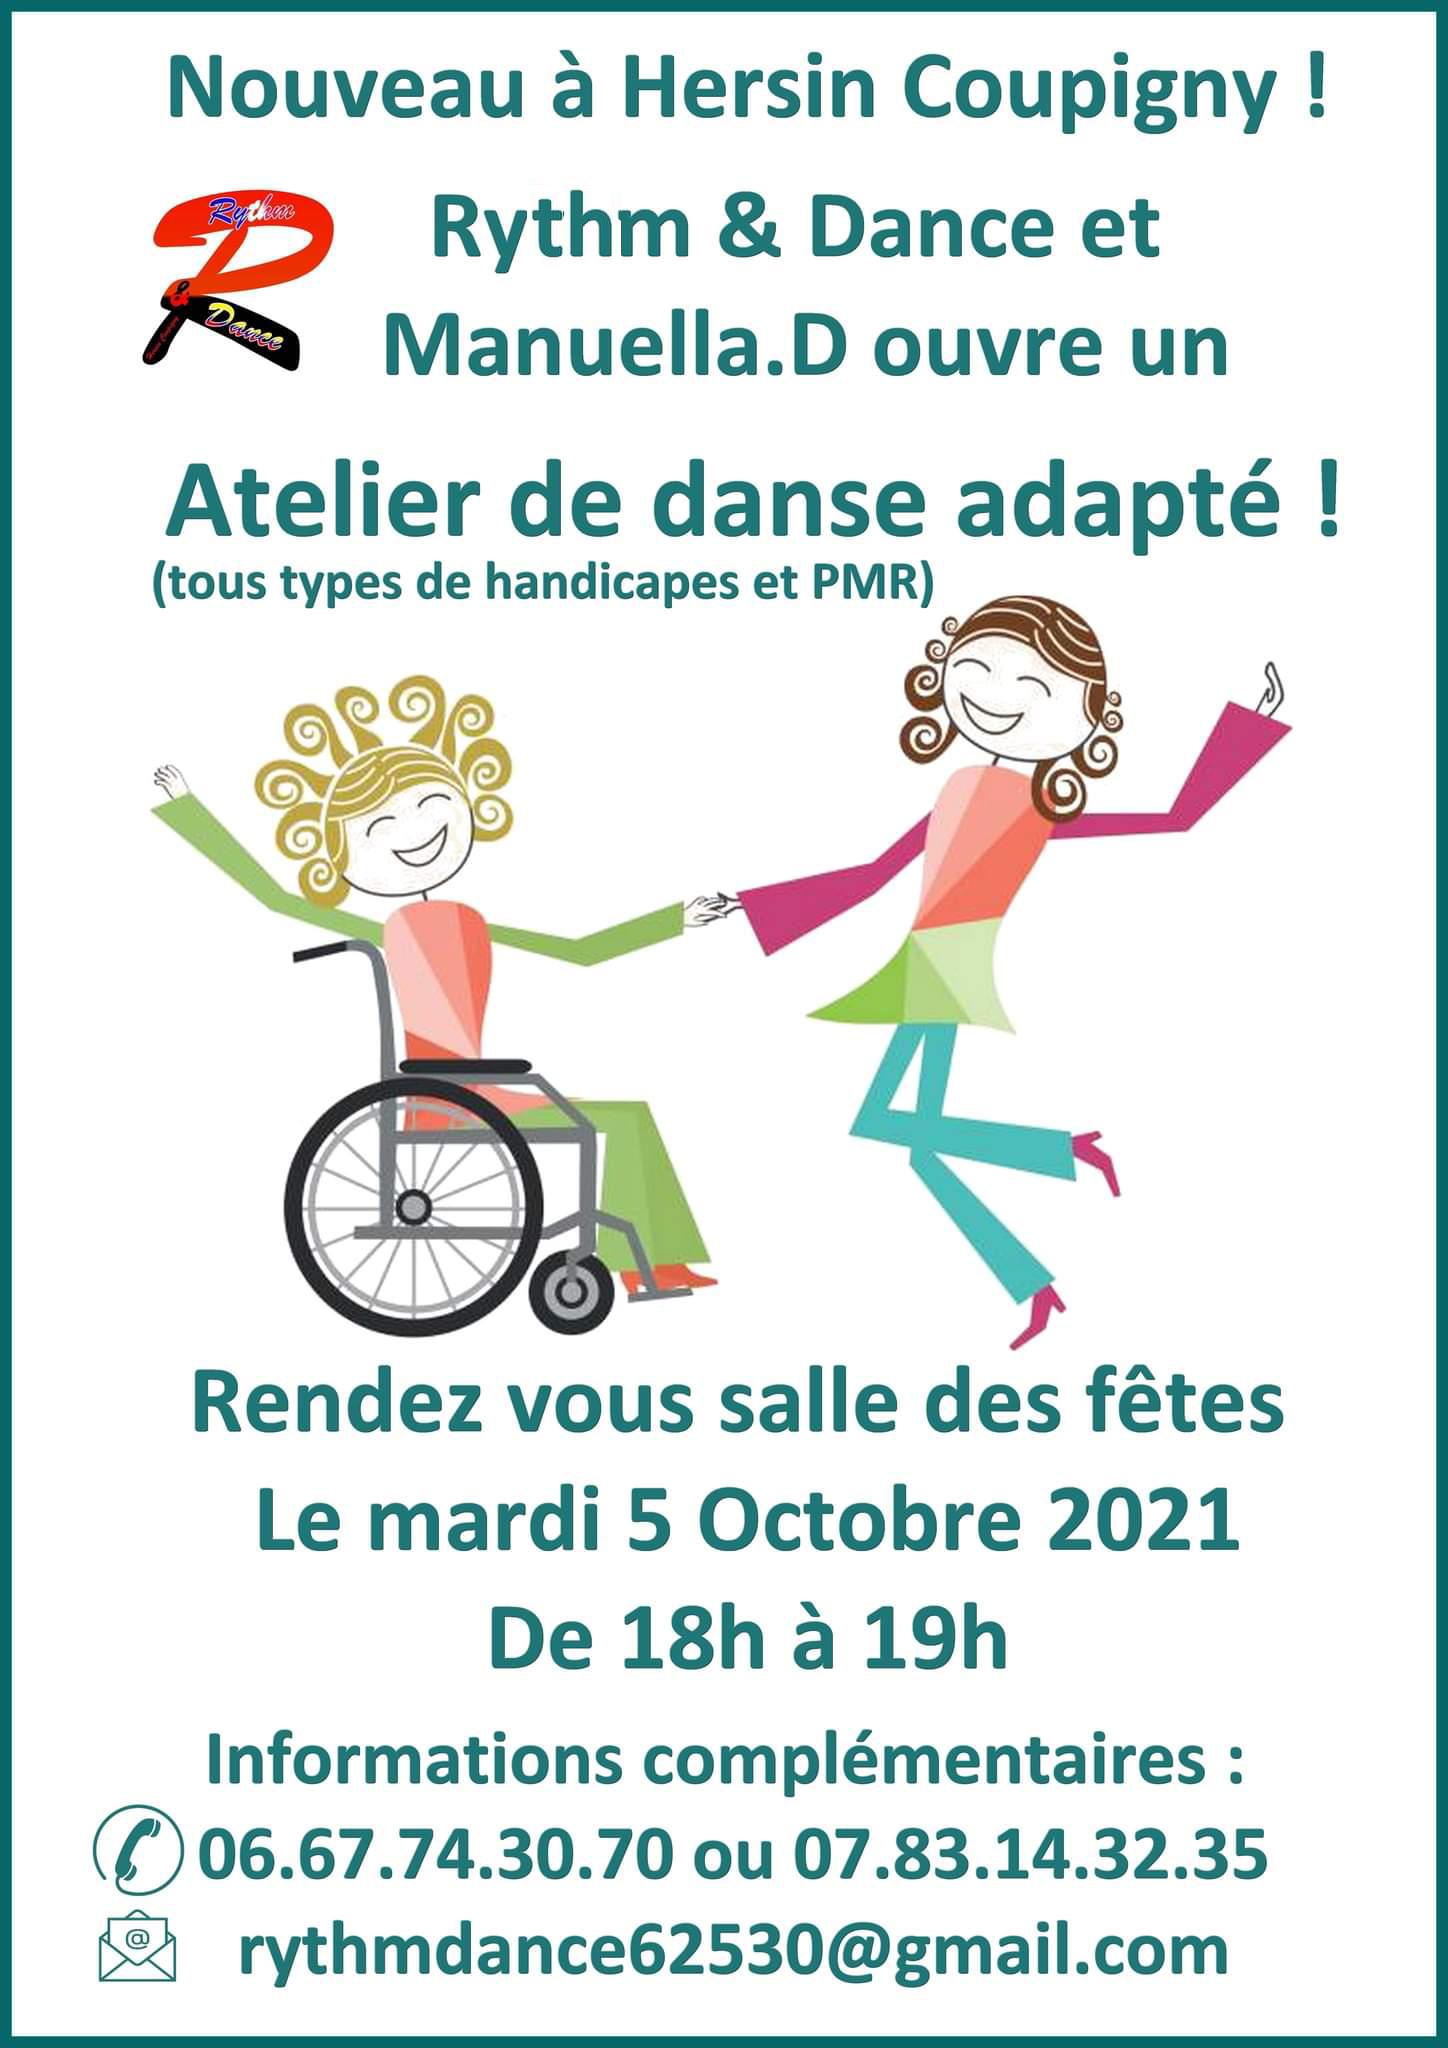 Atelier de danse adapté (pour tous types de handicapes et PMR)